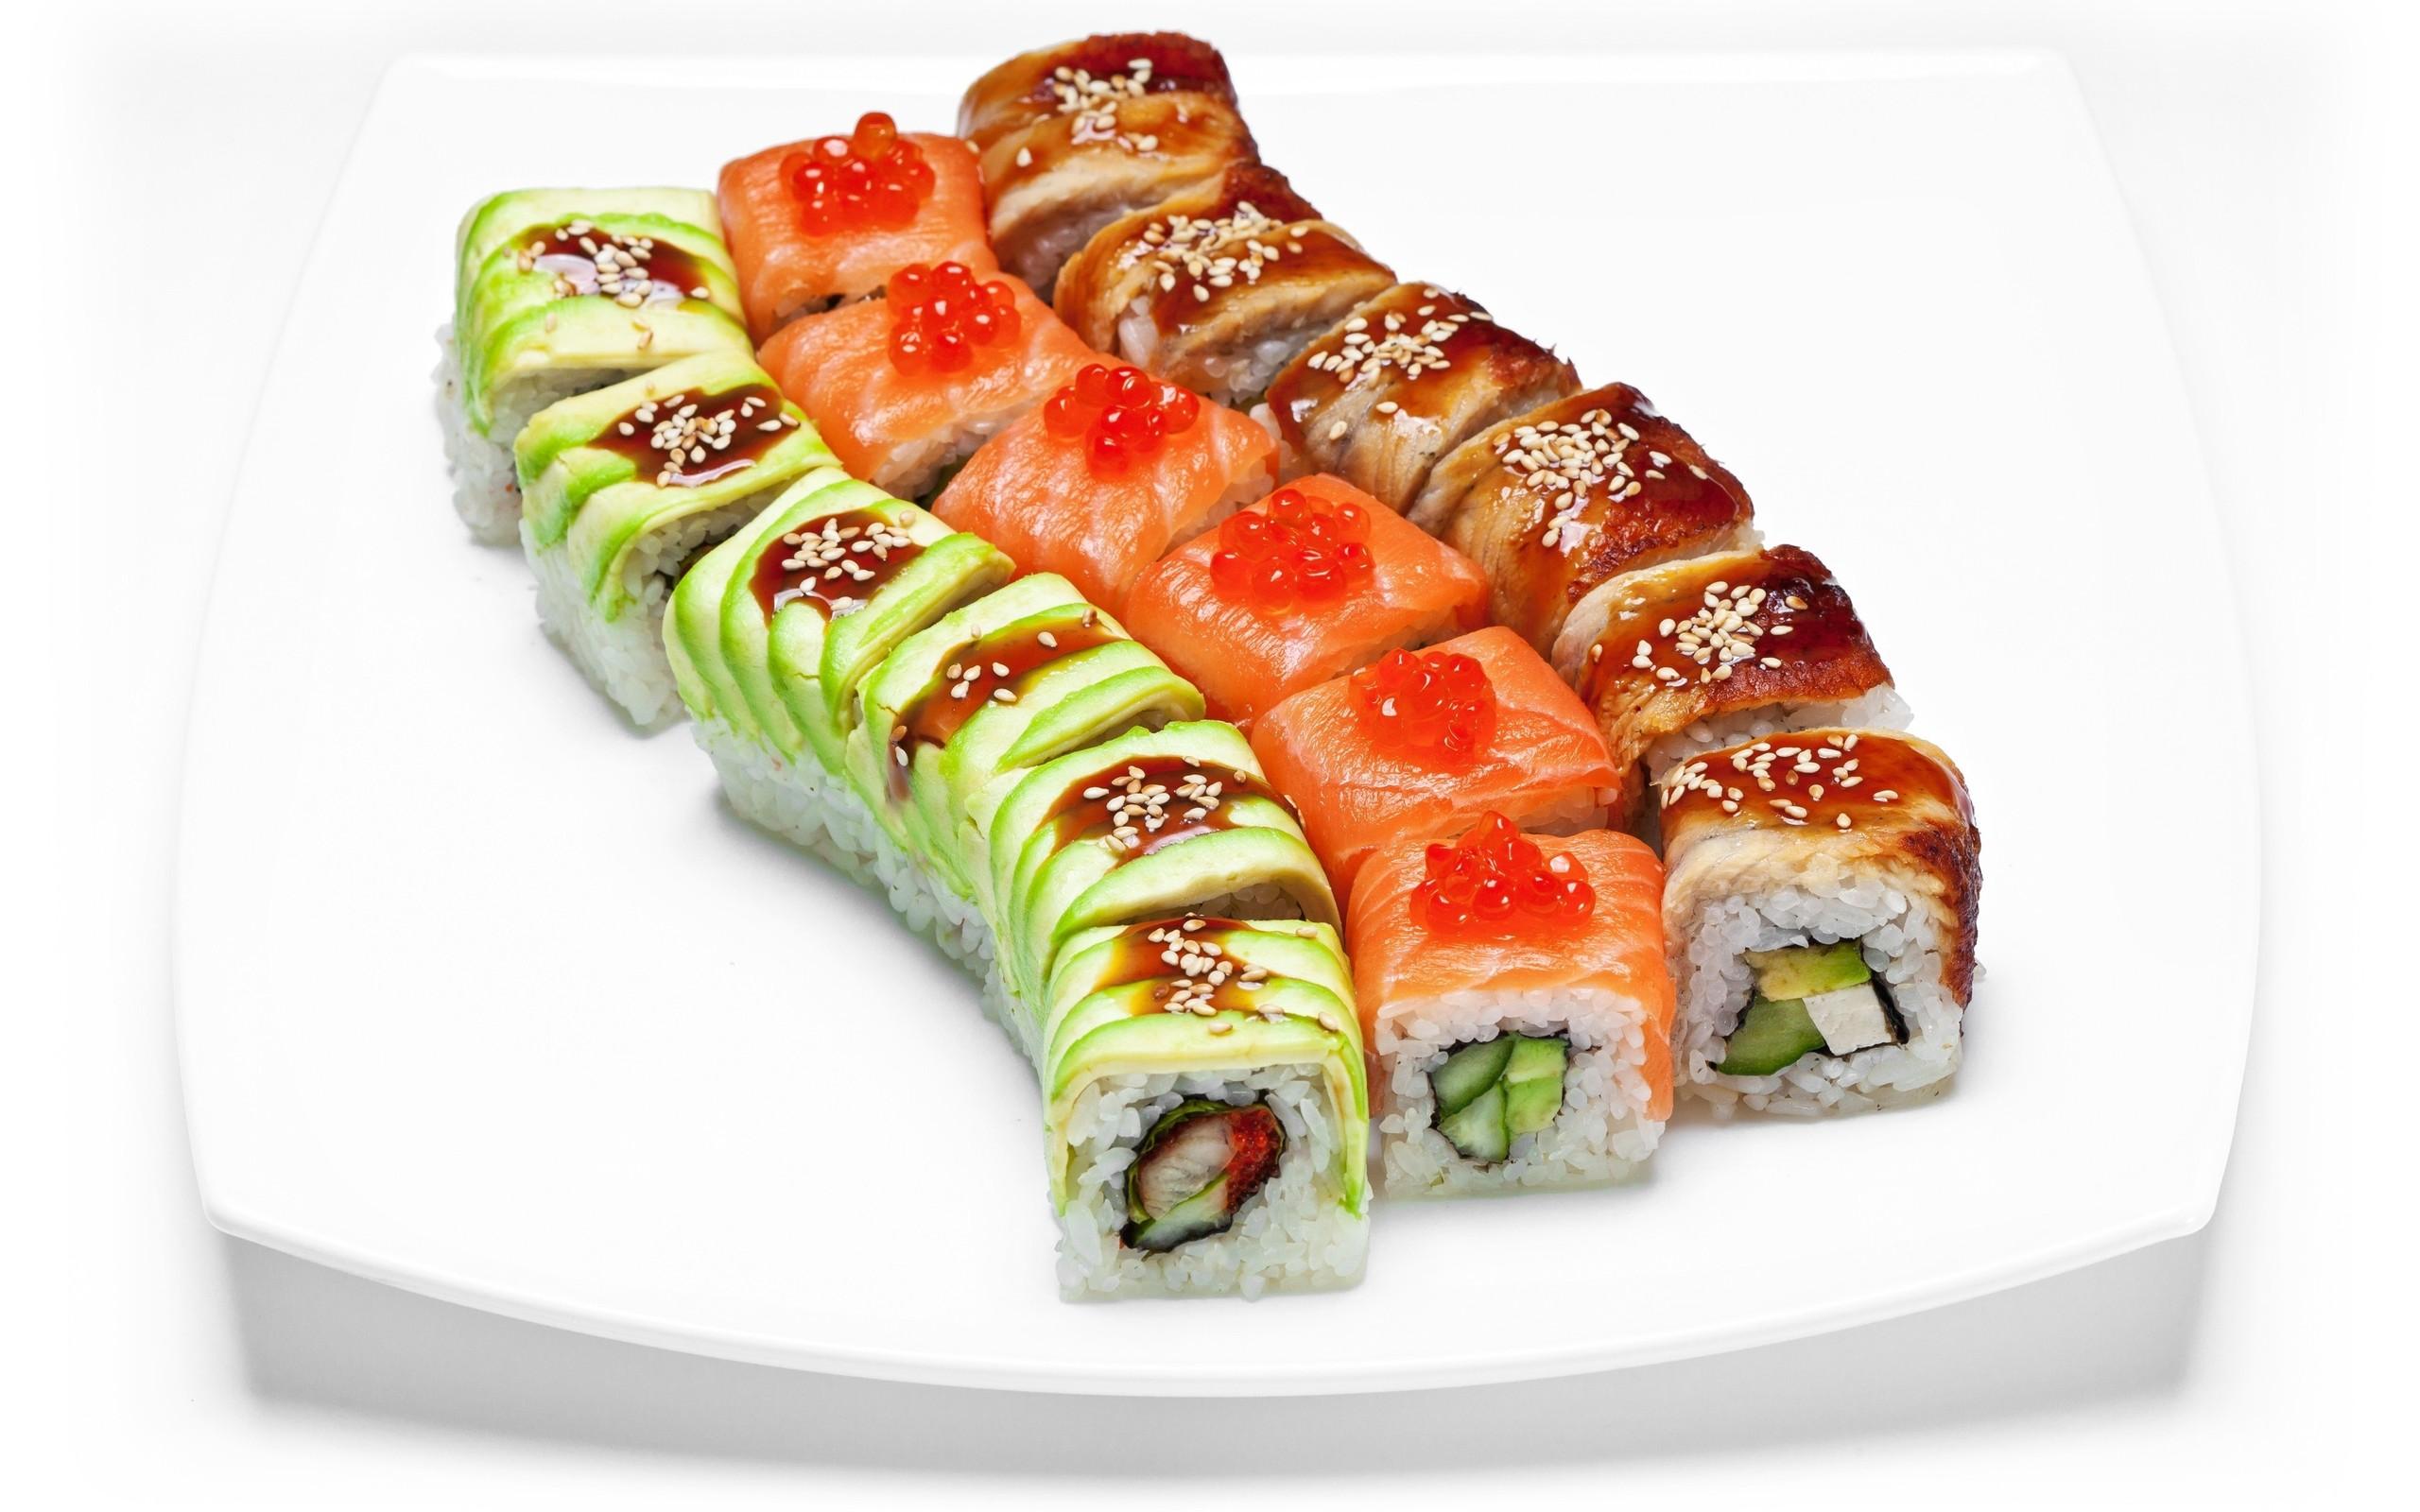 Суши - Sushi (65 обоев) » Смотри Красивые Обои, Wallpapers, Красивые обои  на рабочий стол